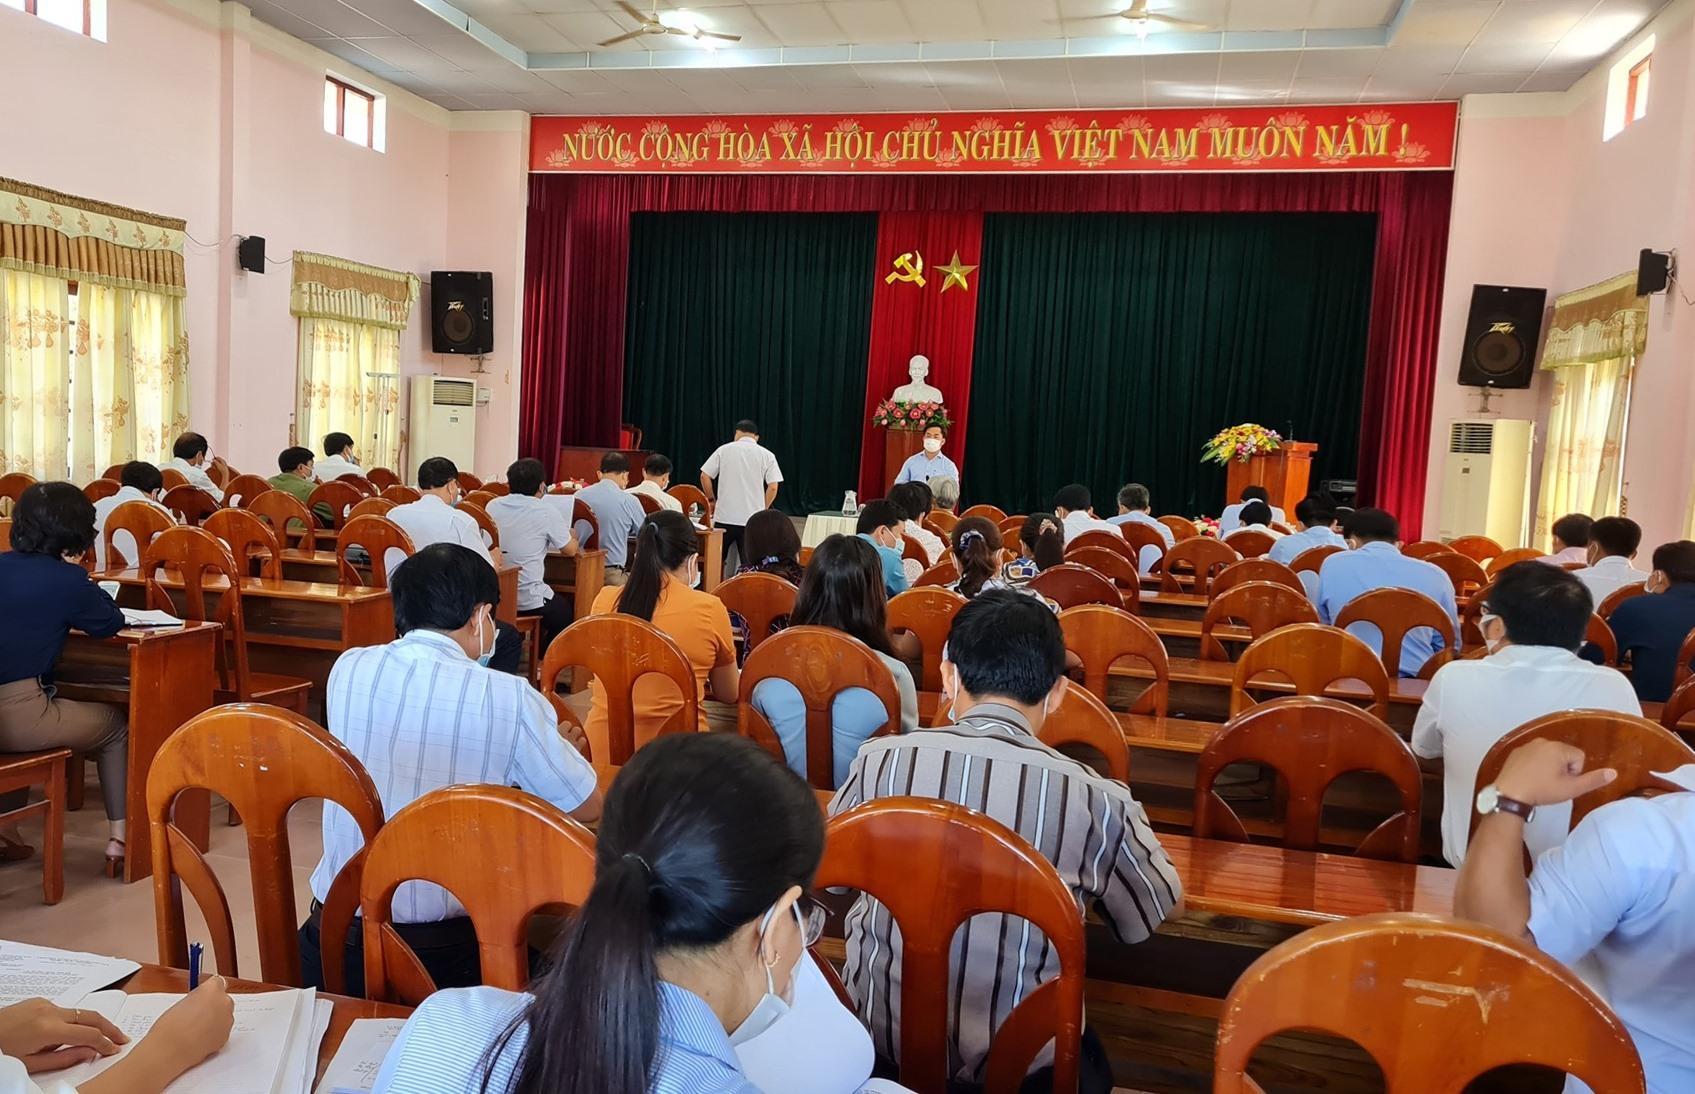 UBND huyện Đại Lộc họp ban chỉ đạo phòng chống dịch Covid-19. Ảnh: B.L